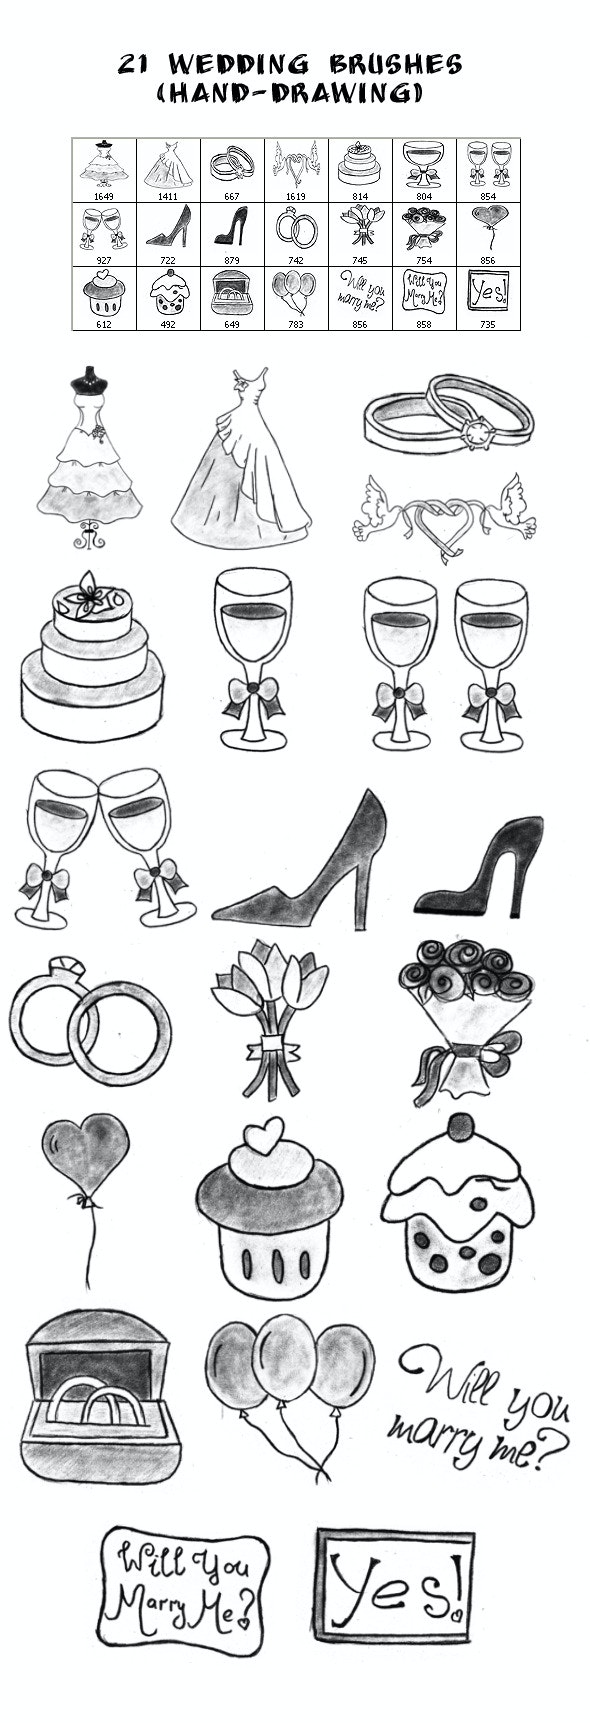 21 Wedding Brushes (hand-drawing) - Brushes Photoshop